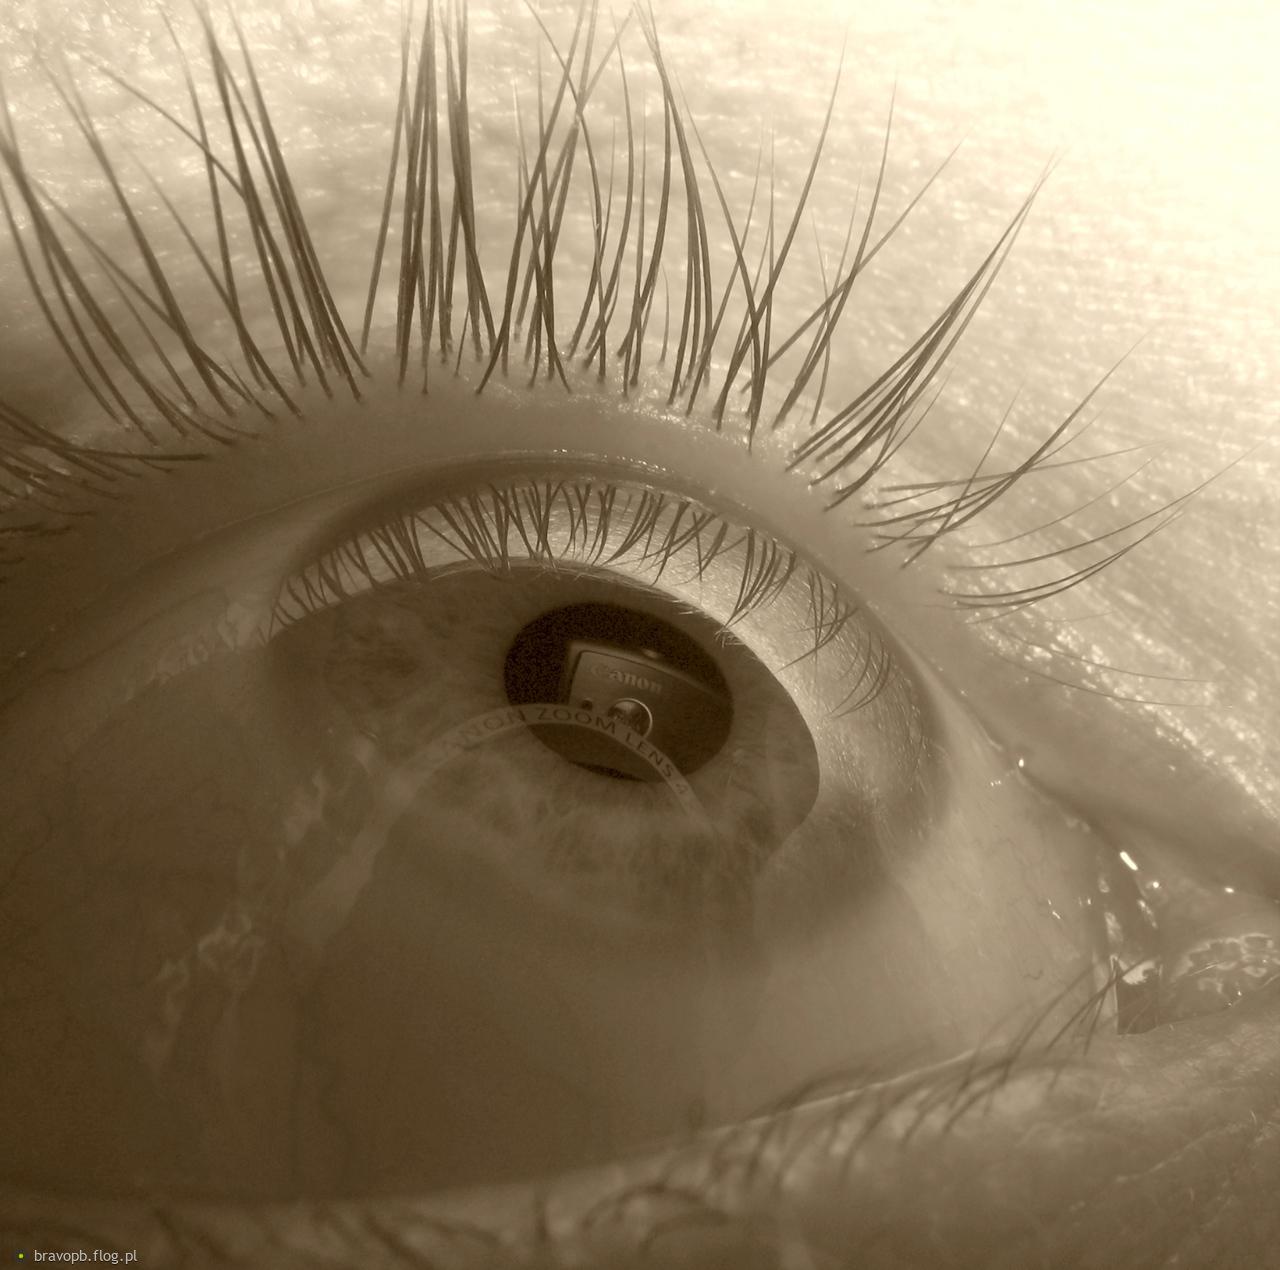 Oko obiektywu